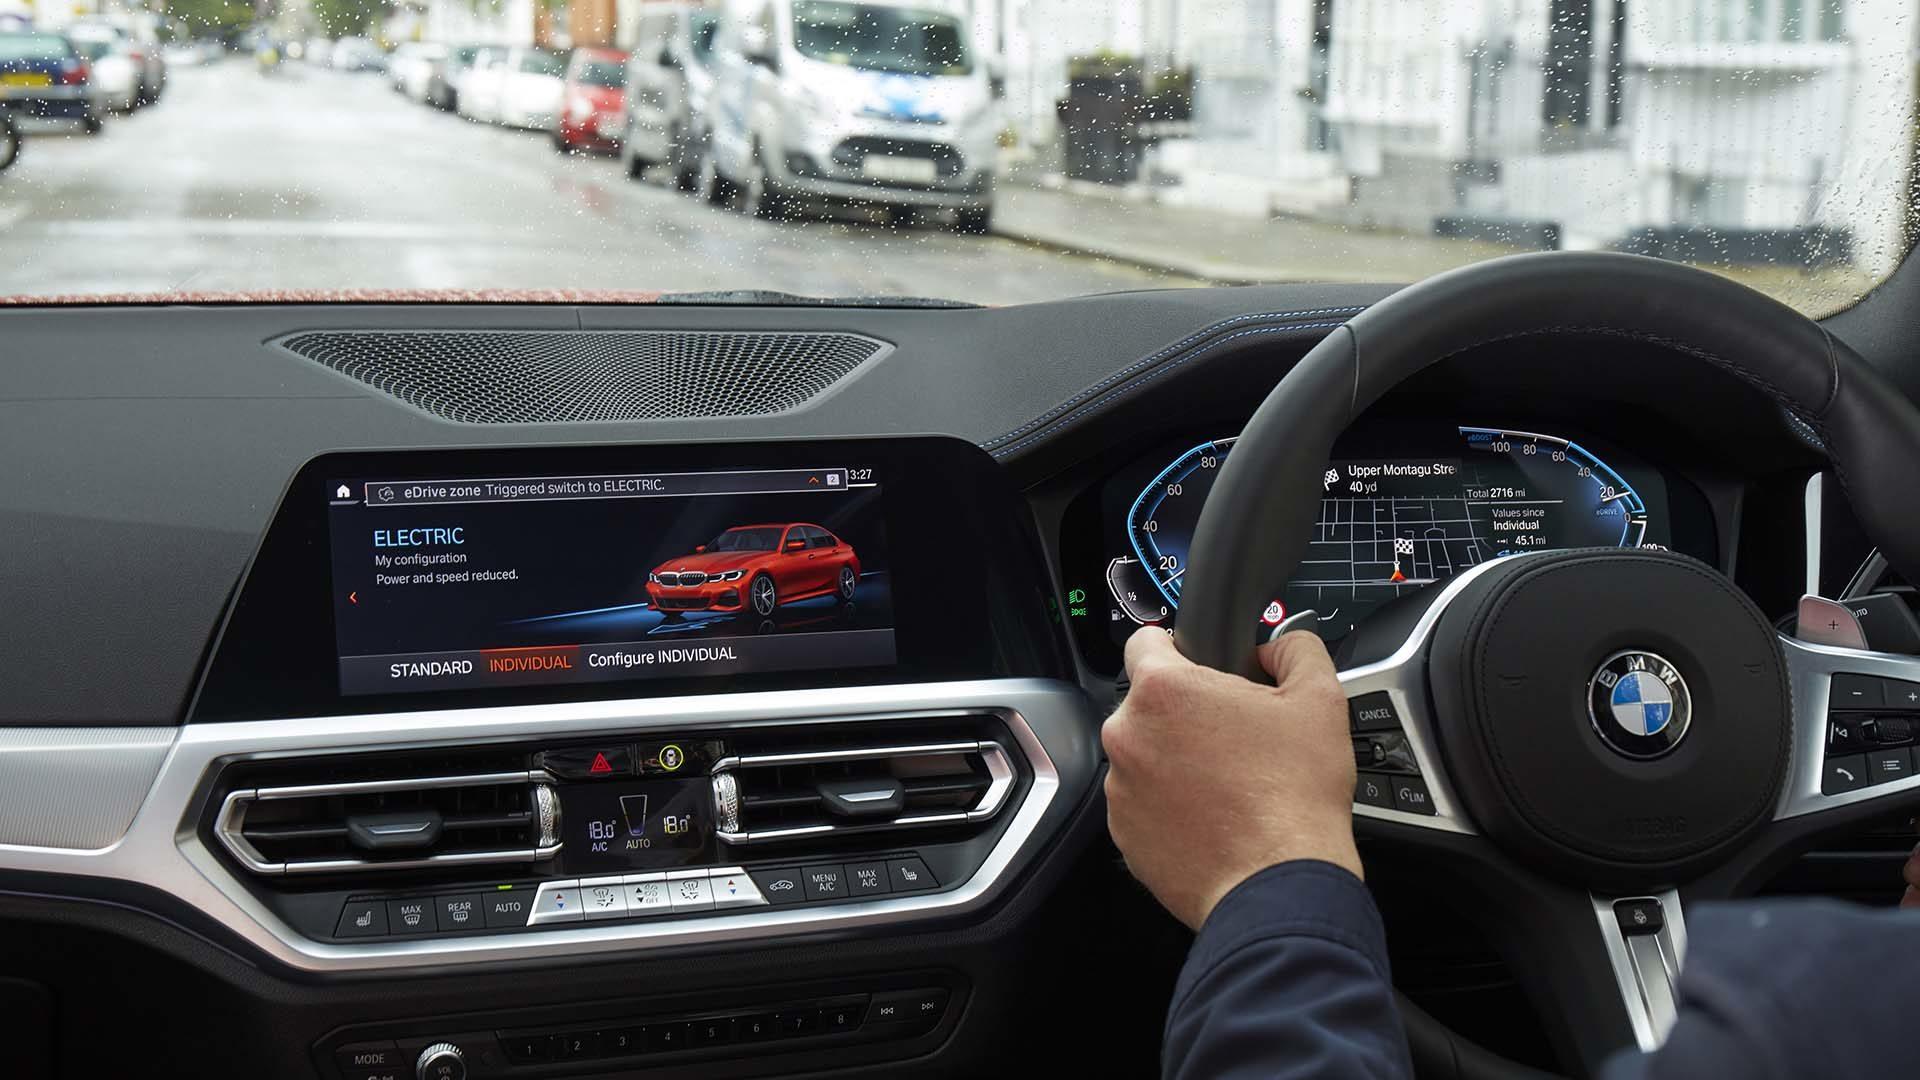 BMW in eDrive mode